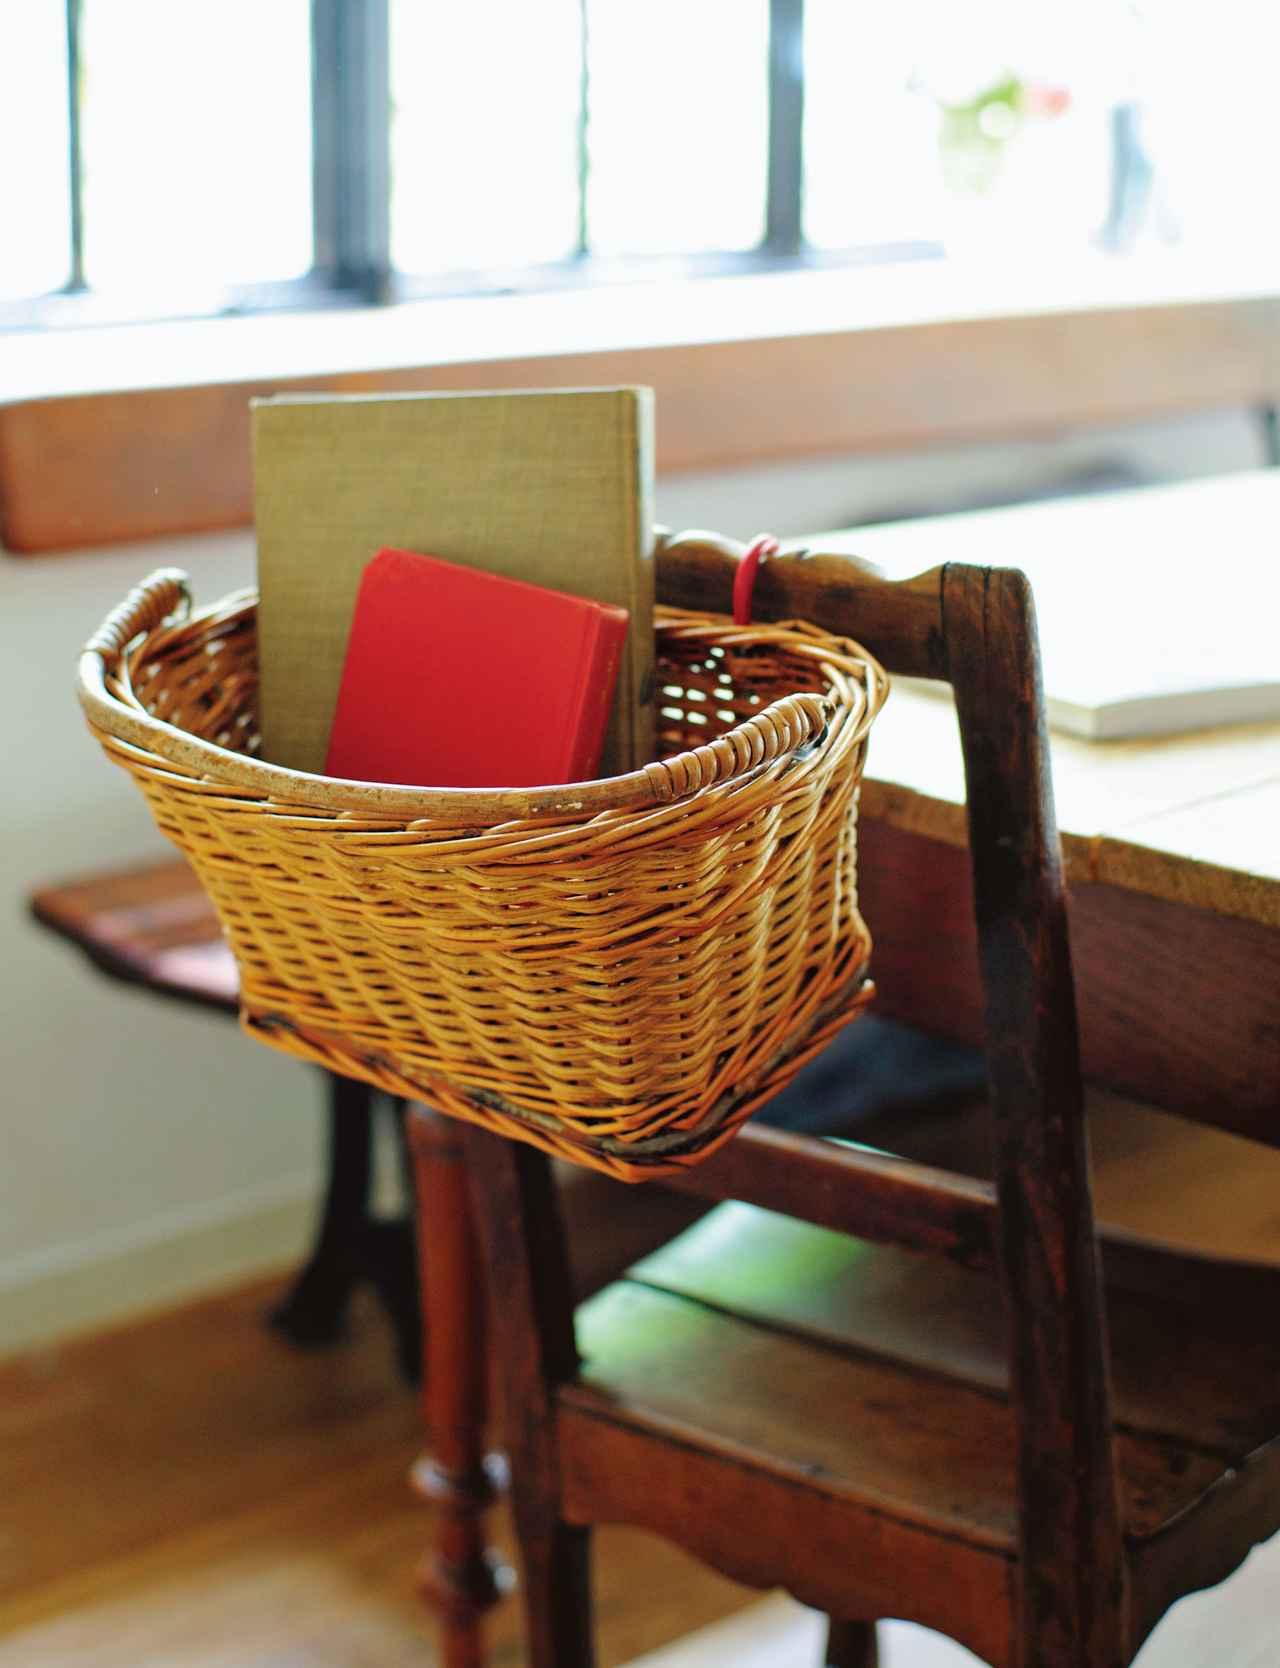 画像: 小さめサイズは椅子の背もたれに これも自転車用。フック付きなので、使う場所のすぐ近くにしまい場所をつくることができる。椅子の背もたれにかけて読みかけの本を